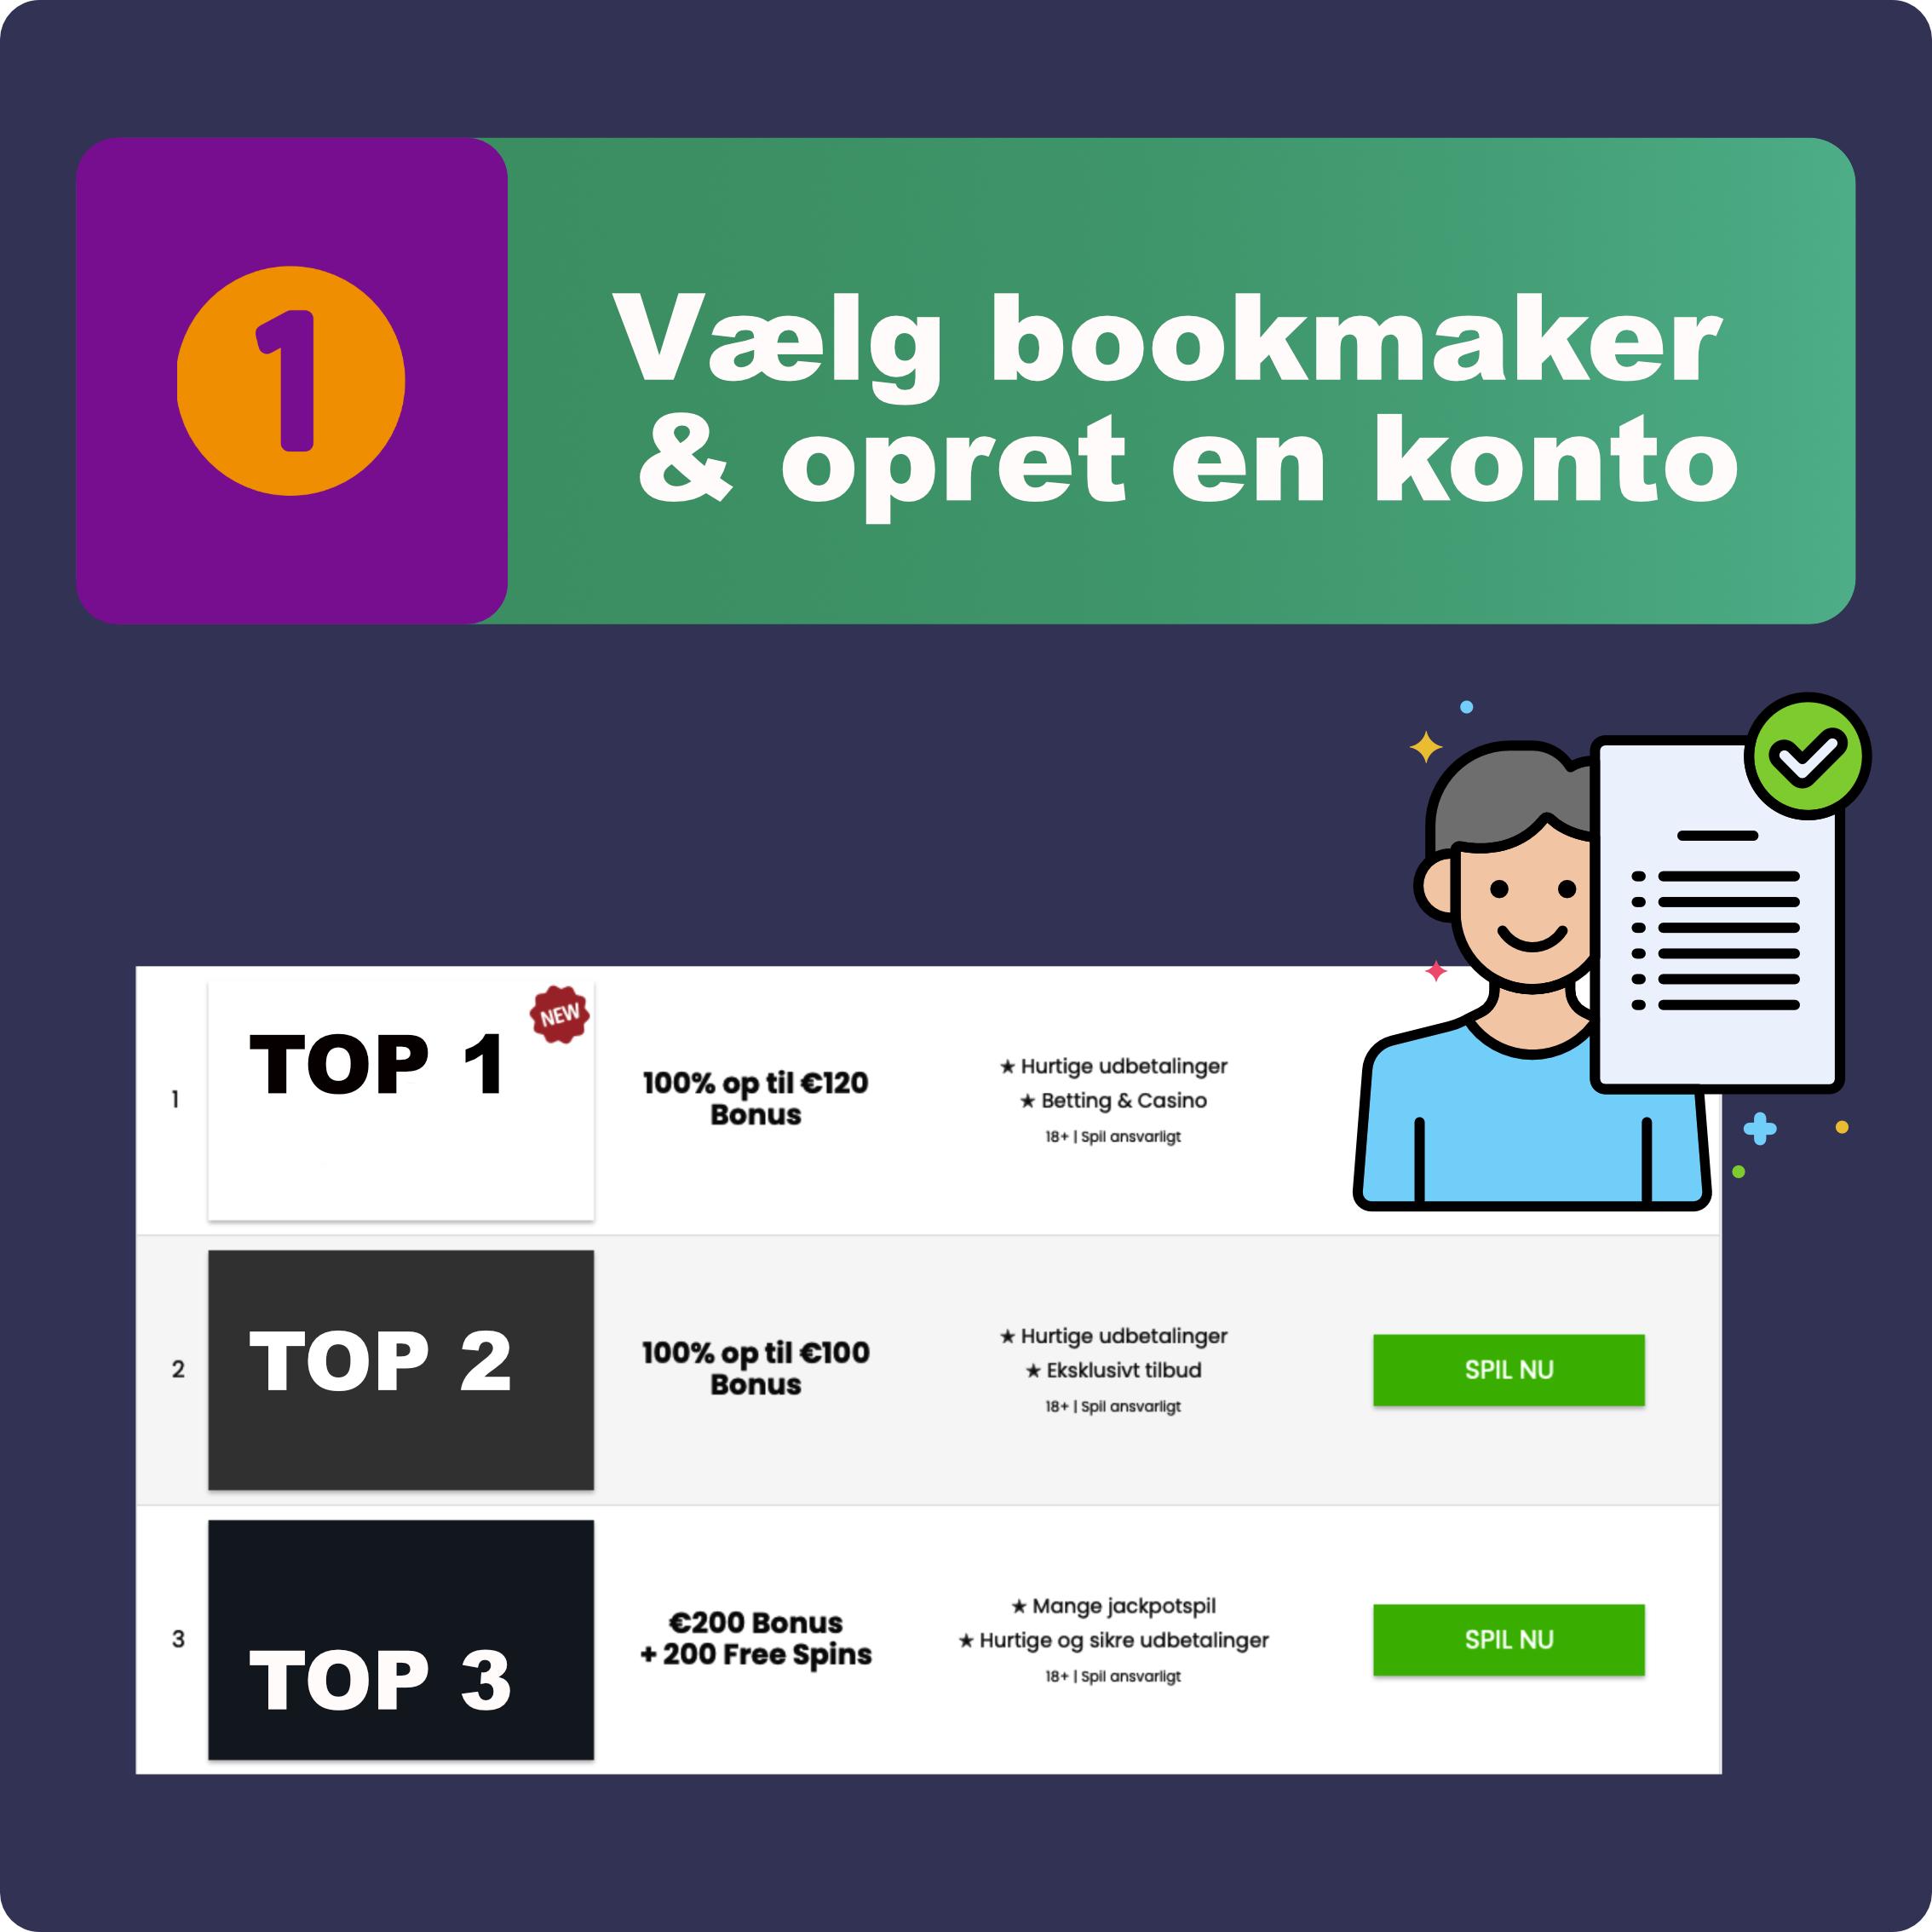 1. Vælg din bookmaker og opret en konto på få minutter